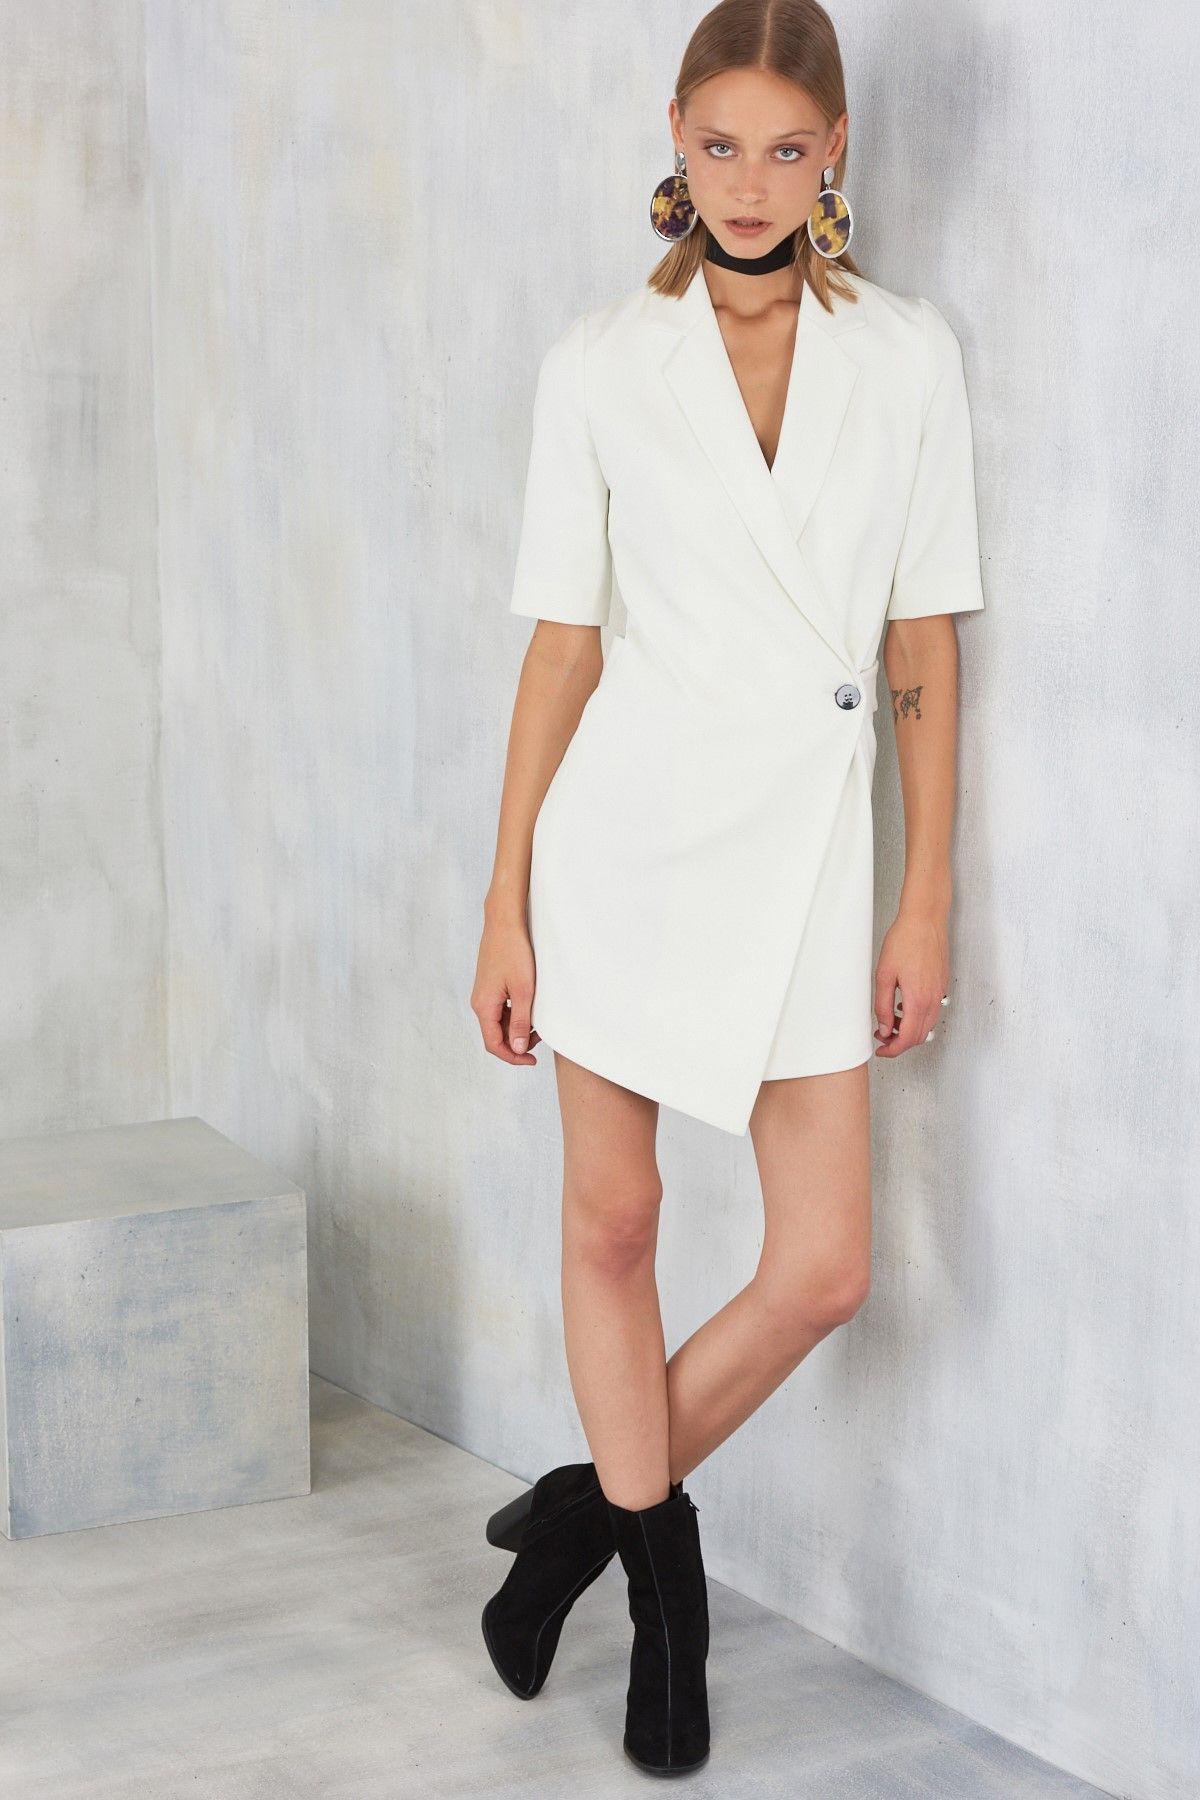 Beyaz Onden Tek Dugmeli Ceket Elbise Mlwaw17fz4969 Trendyolmilla Trendyol Moda Stilleri Elbise Modelleri Siyah Elbise